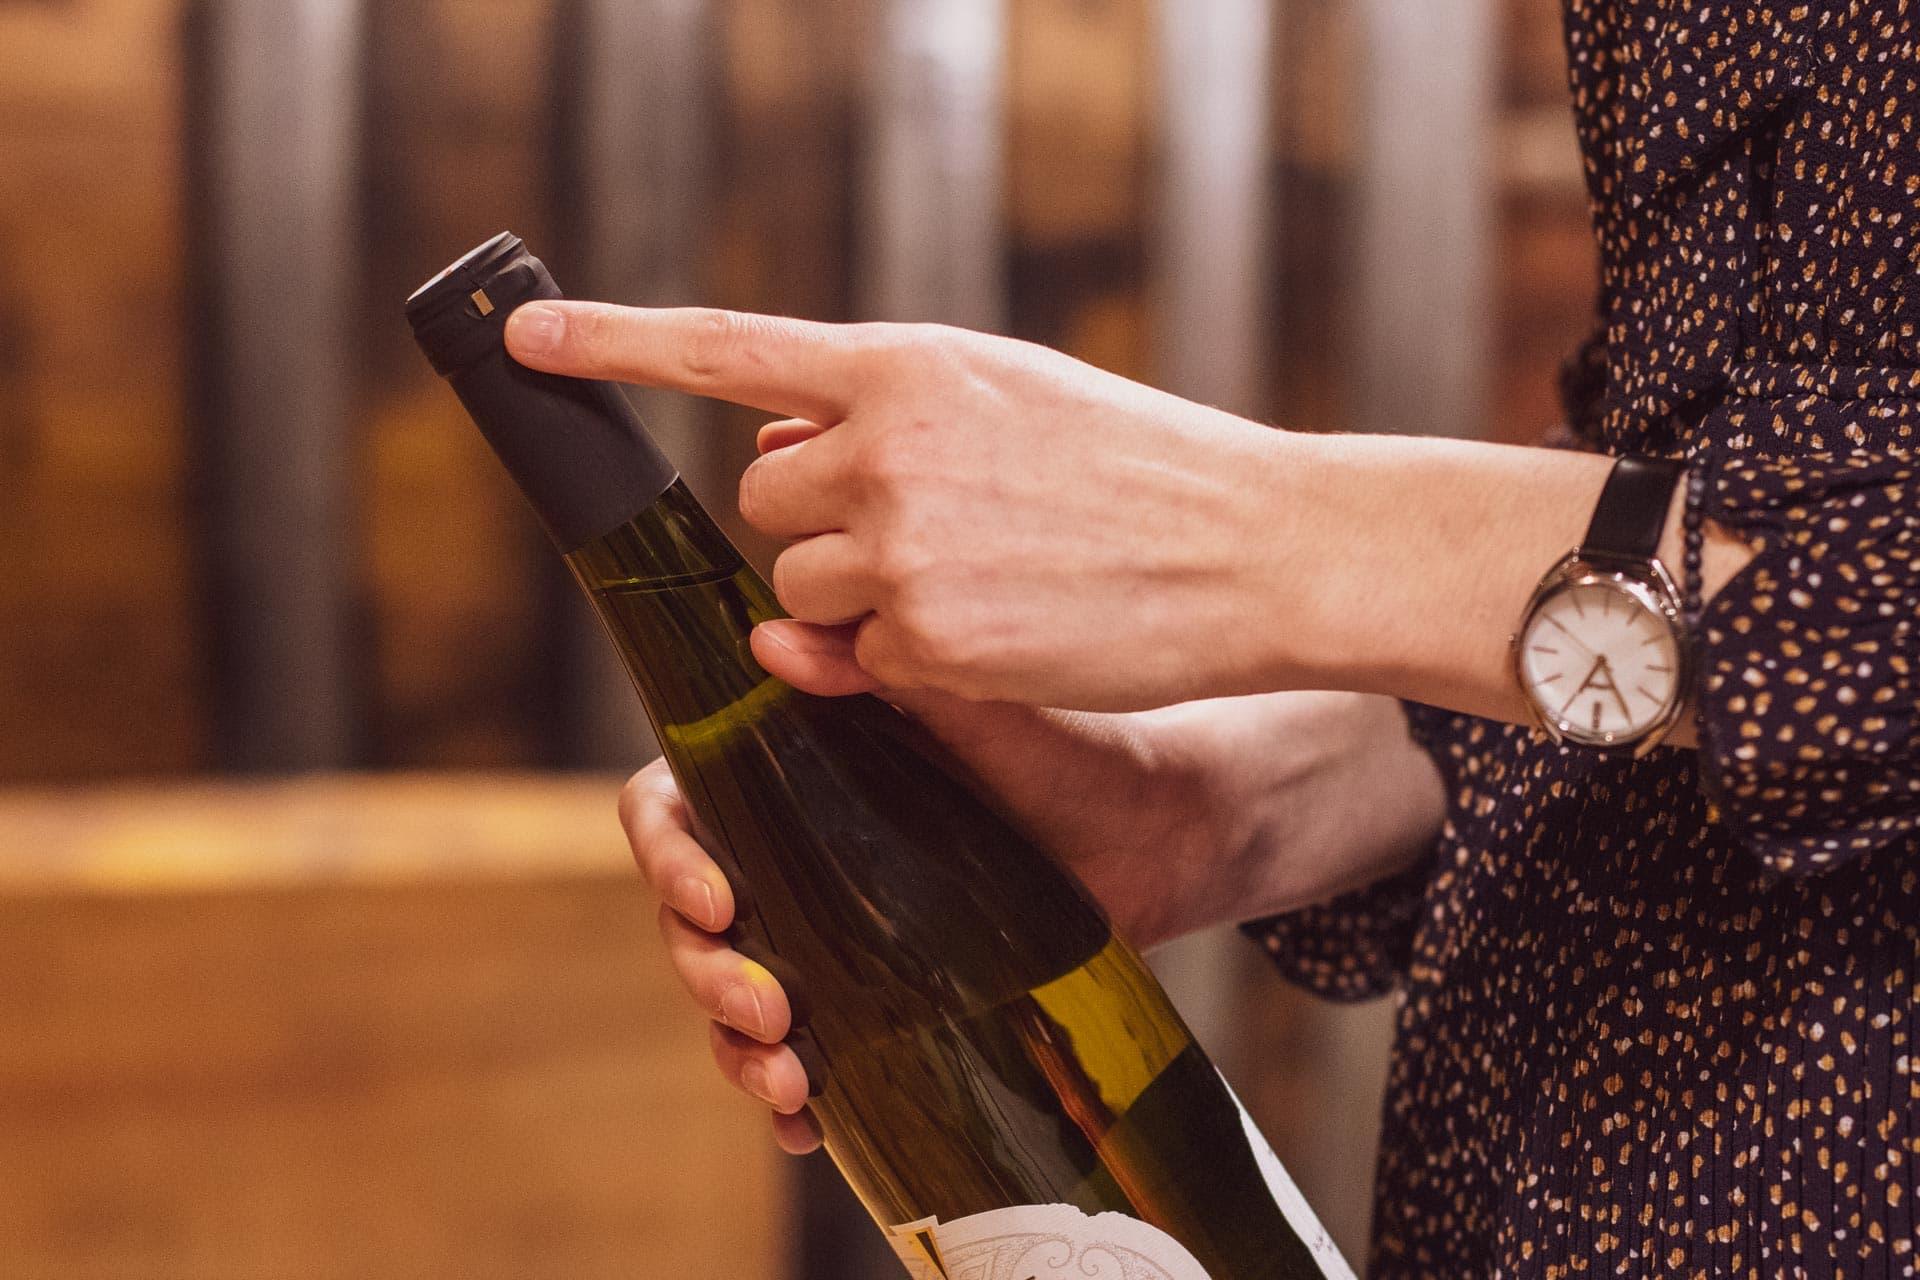 Foto ke článku 6, jak otevřít víno